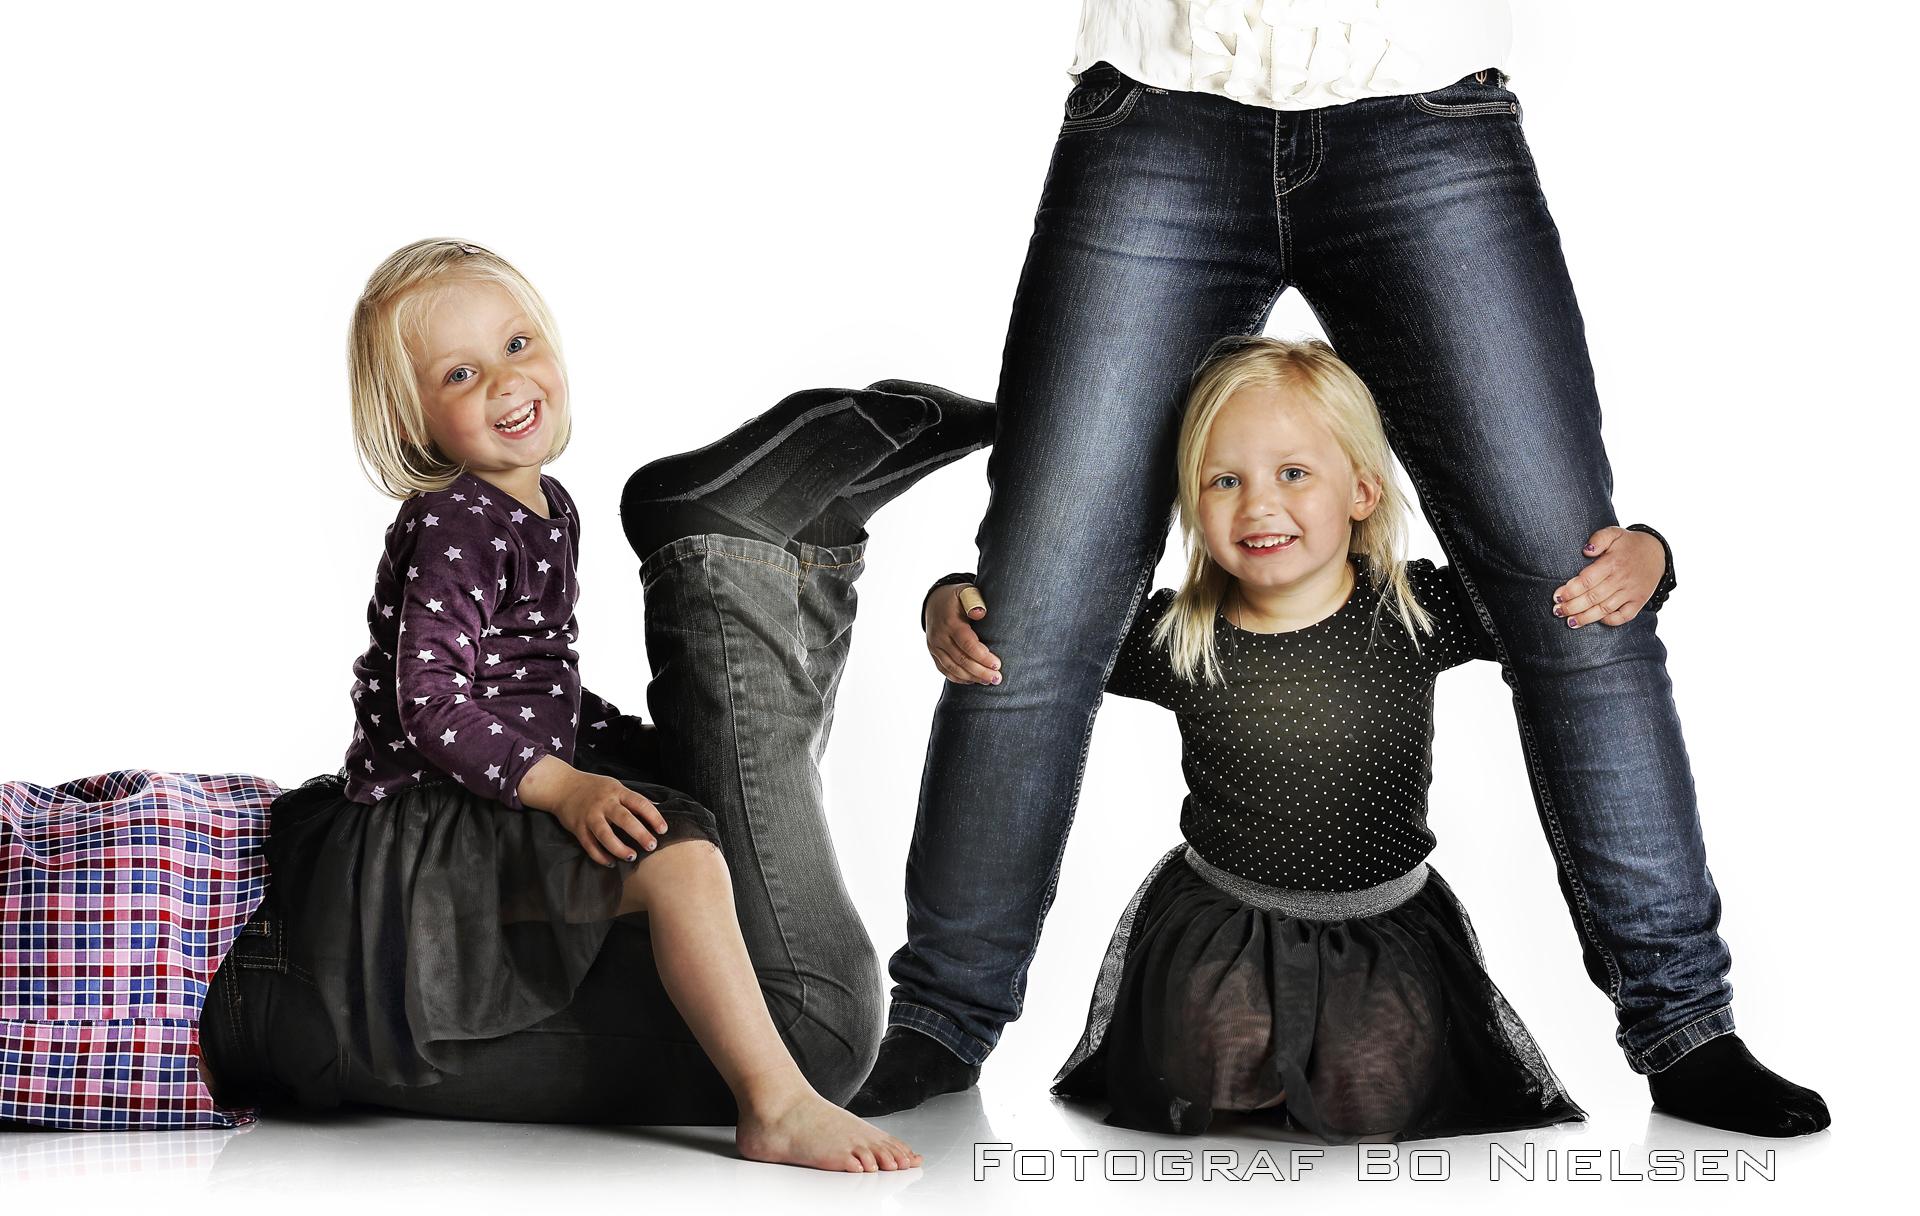 2 børn fotograferet ved fotograf Kolding, fotograferet af fotograf Bo Nielsen i Kolding